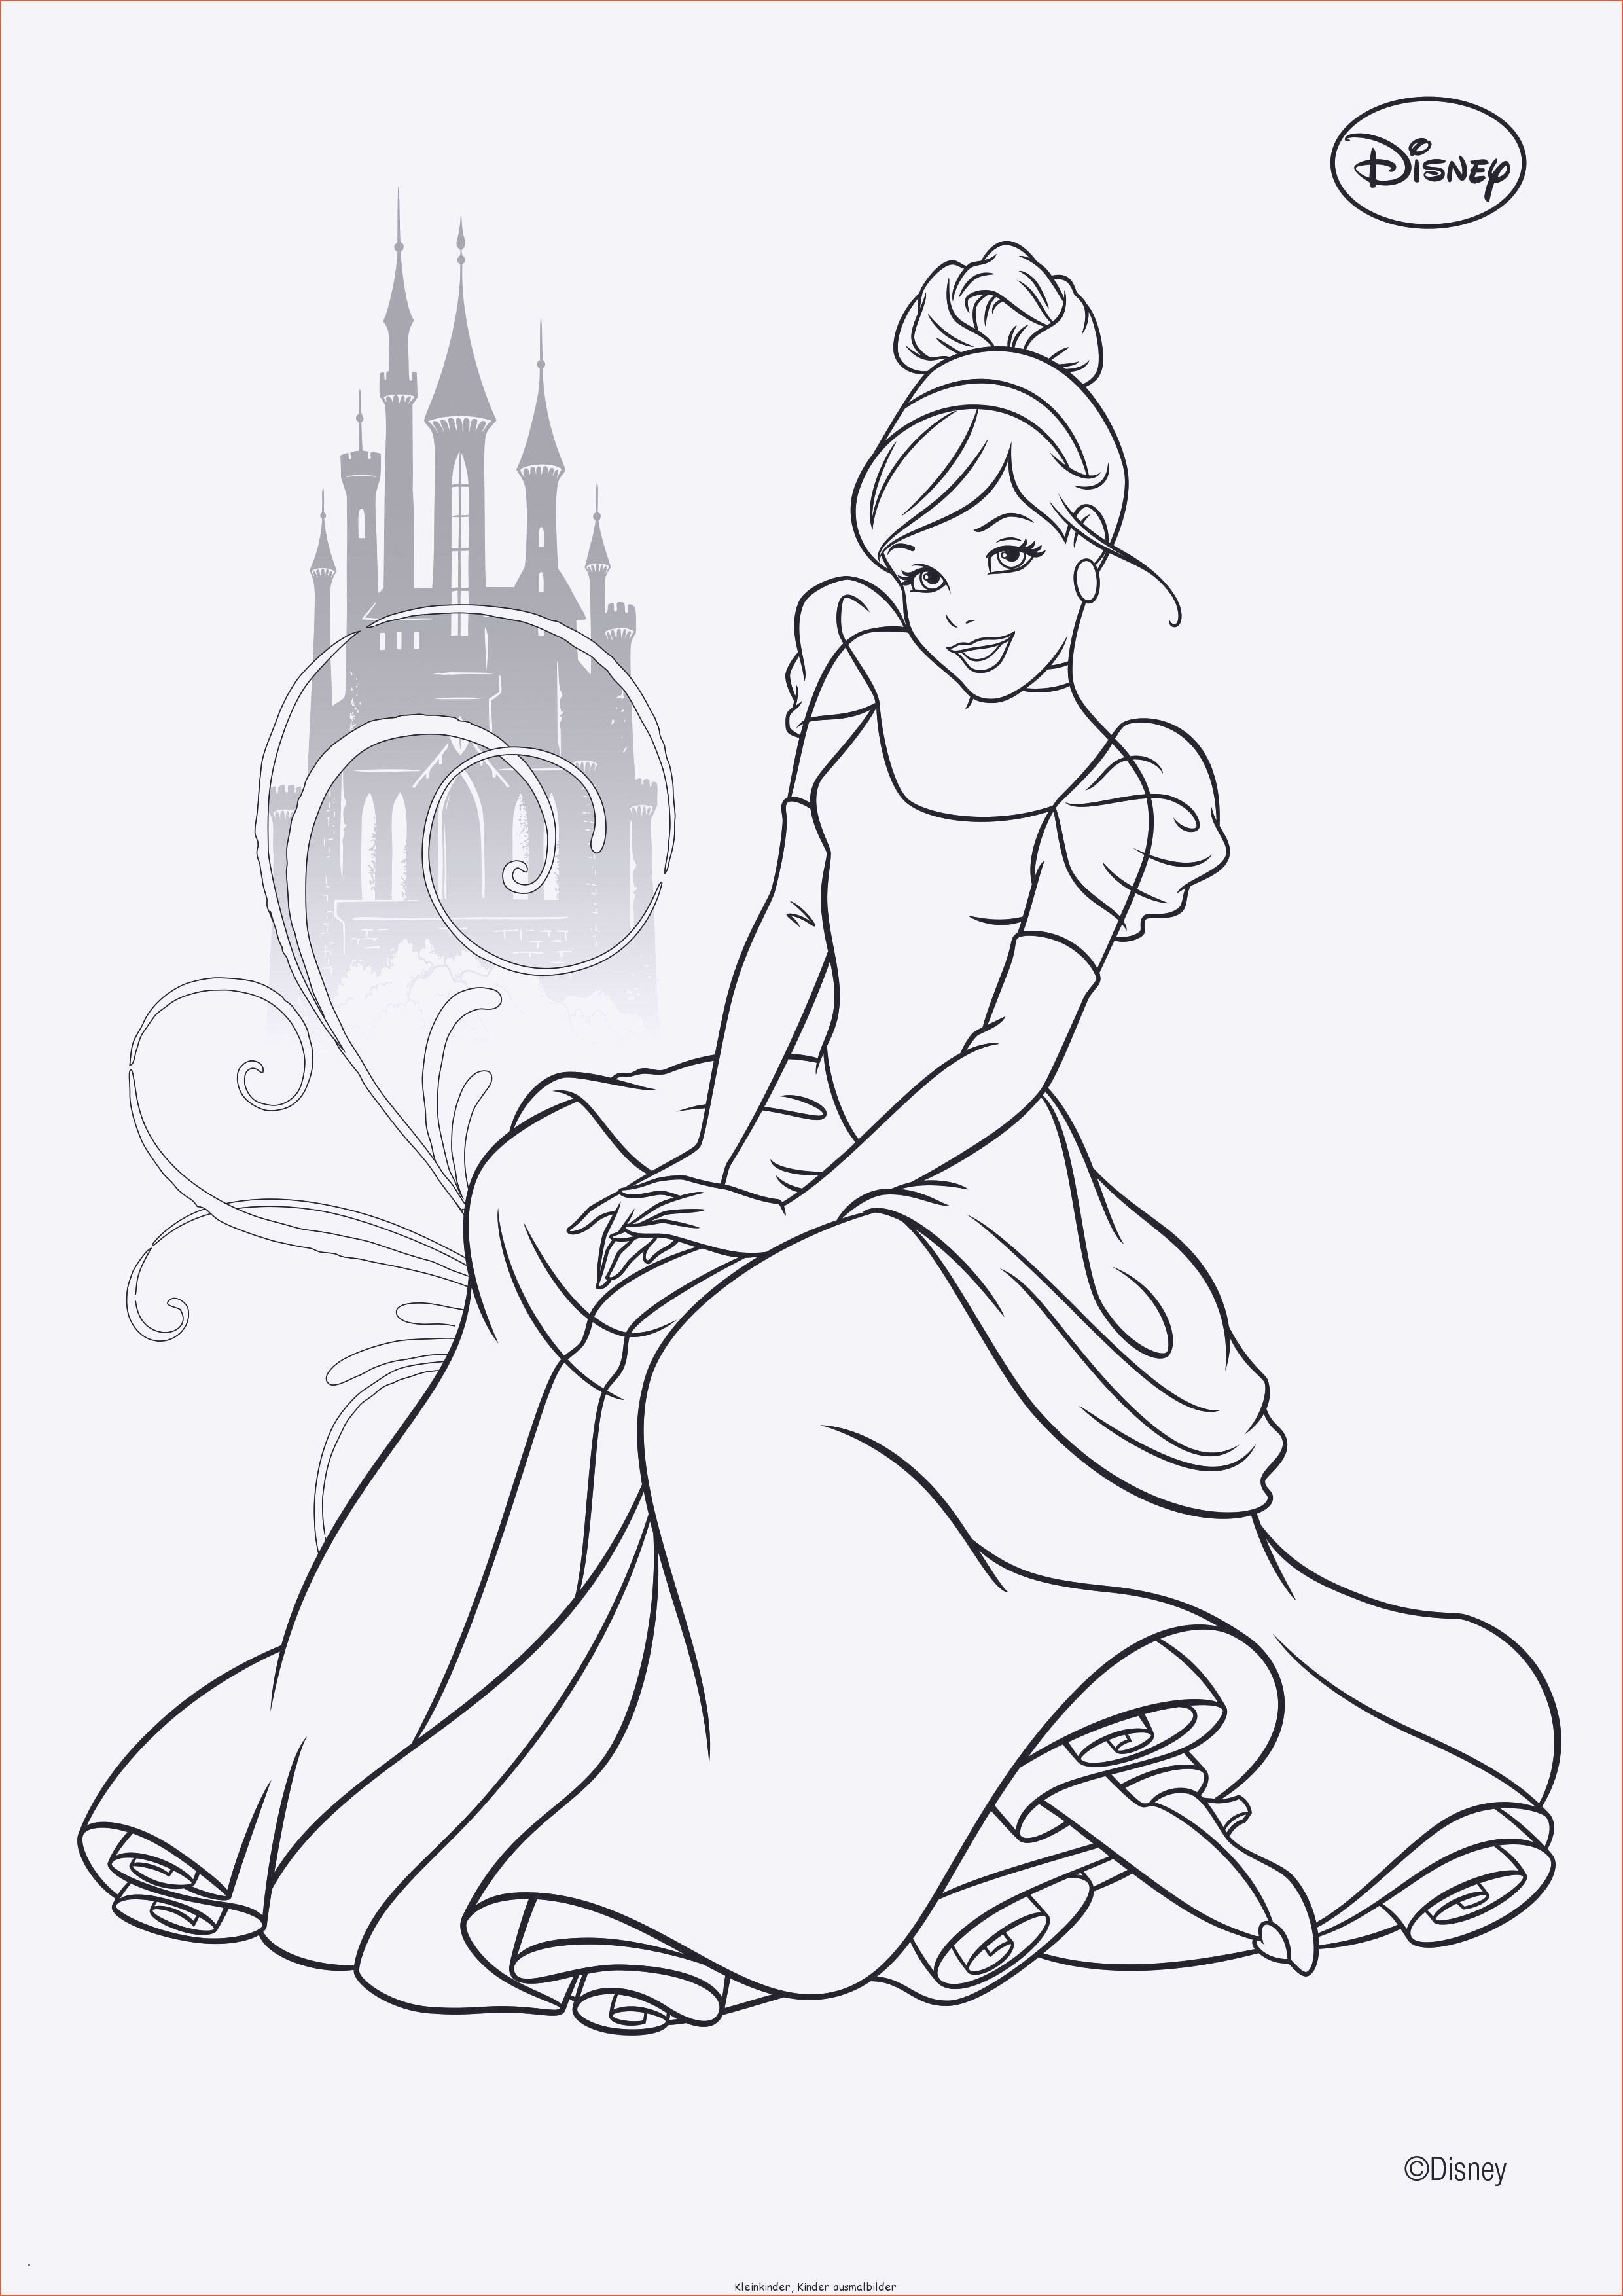 Ausmalbilder Cat Noir Neu 48 Schöpfung Ausmalbilder Prinzessin Elsa Treehouse Nyc Das Bild